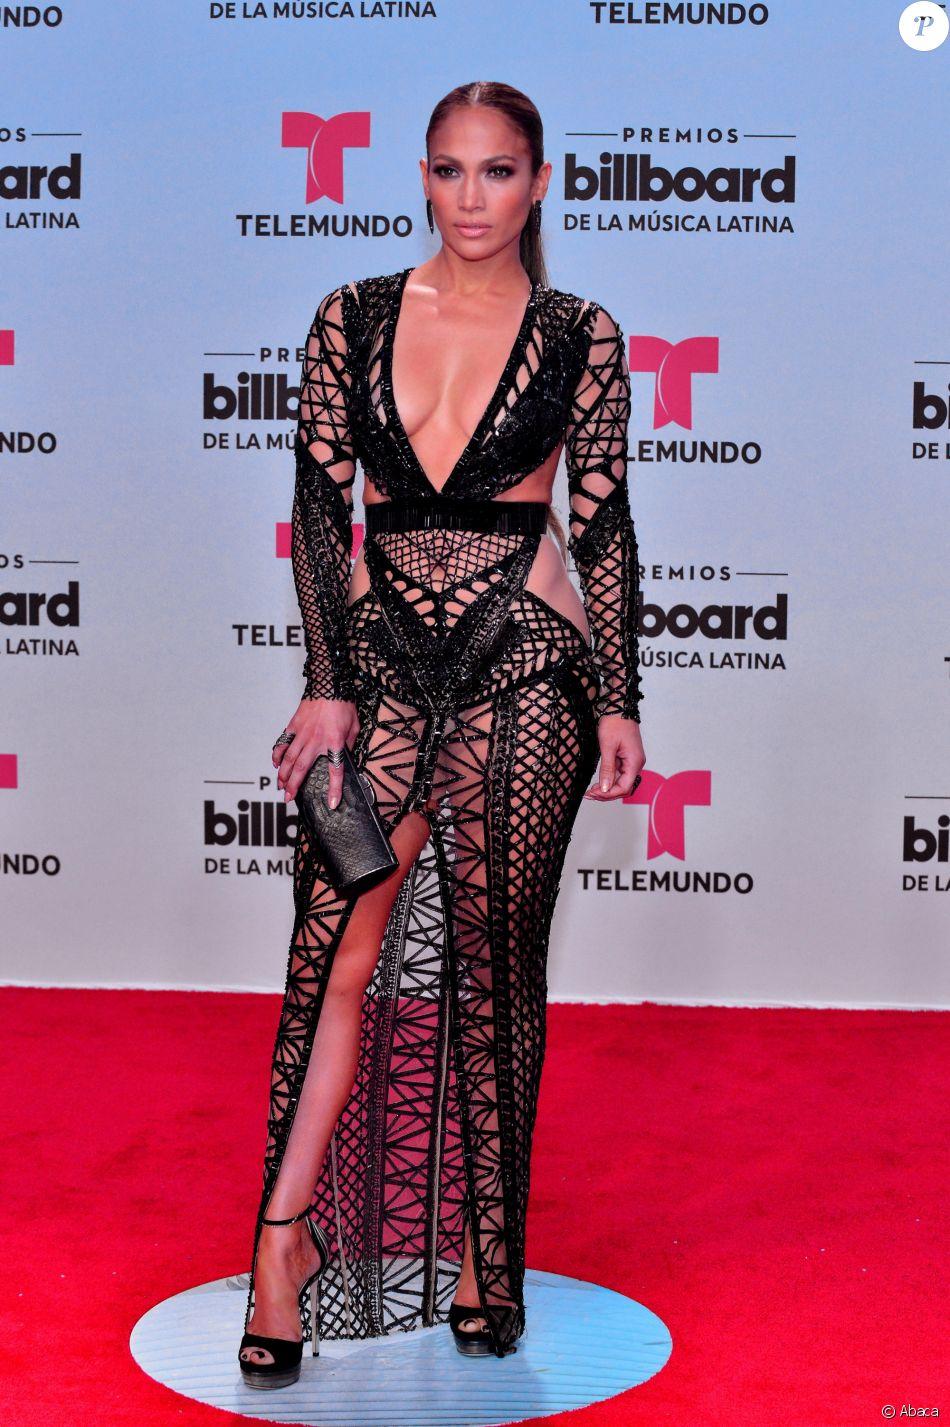 af751b4526d La chanteuse américaine Jennifer Lopez pose sur le tapis rouge des  Billboard Latin Music Awards au